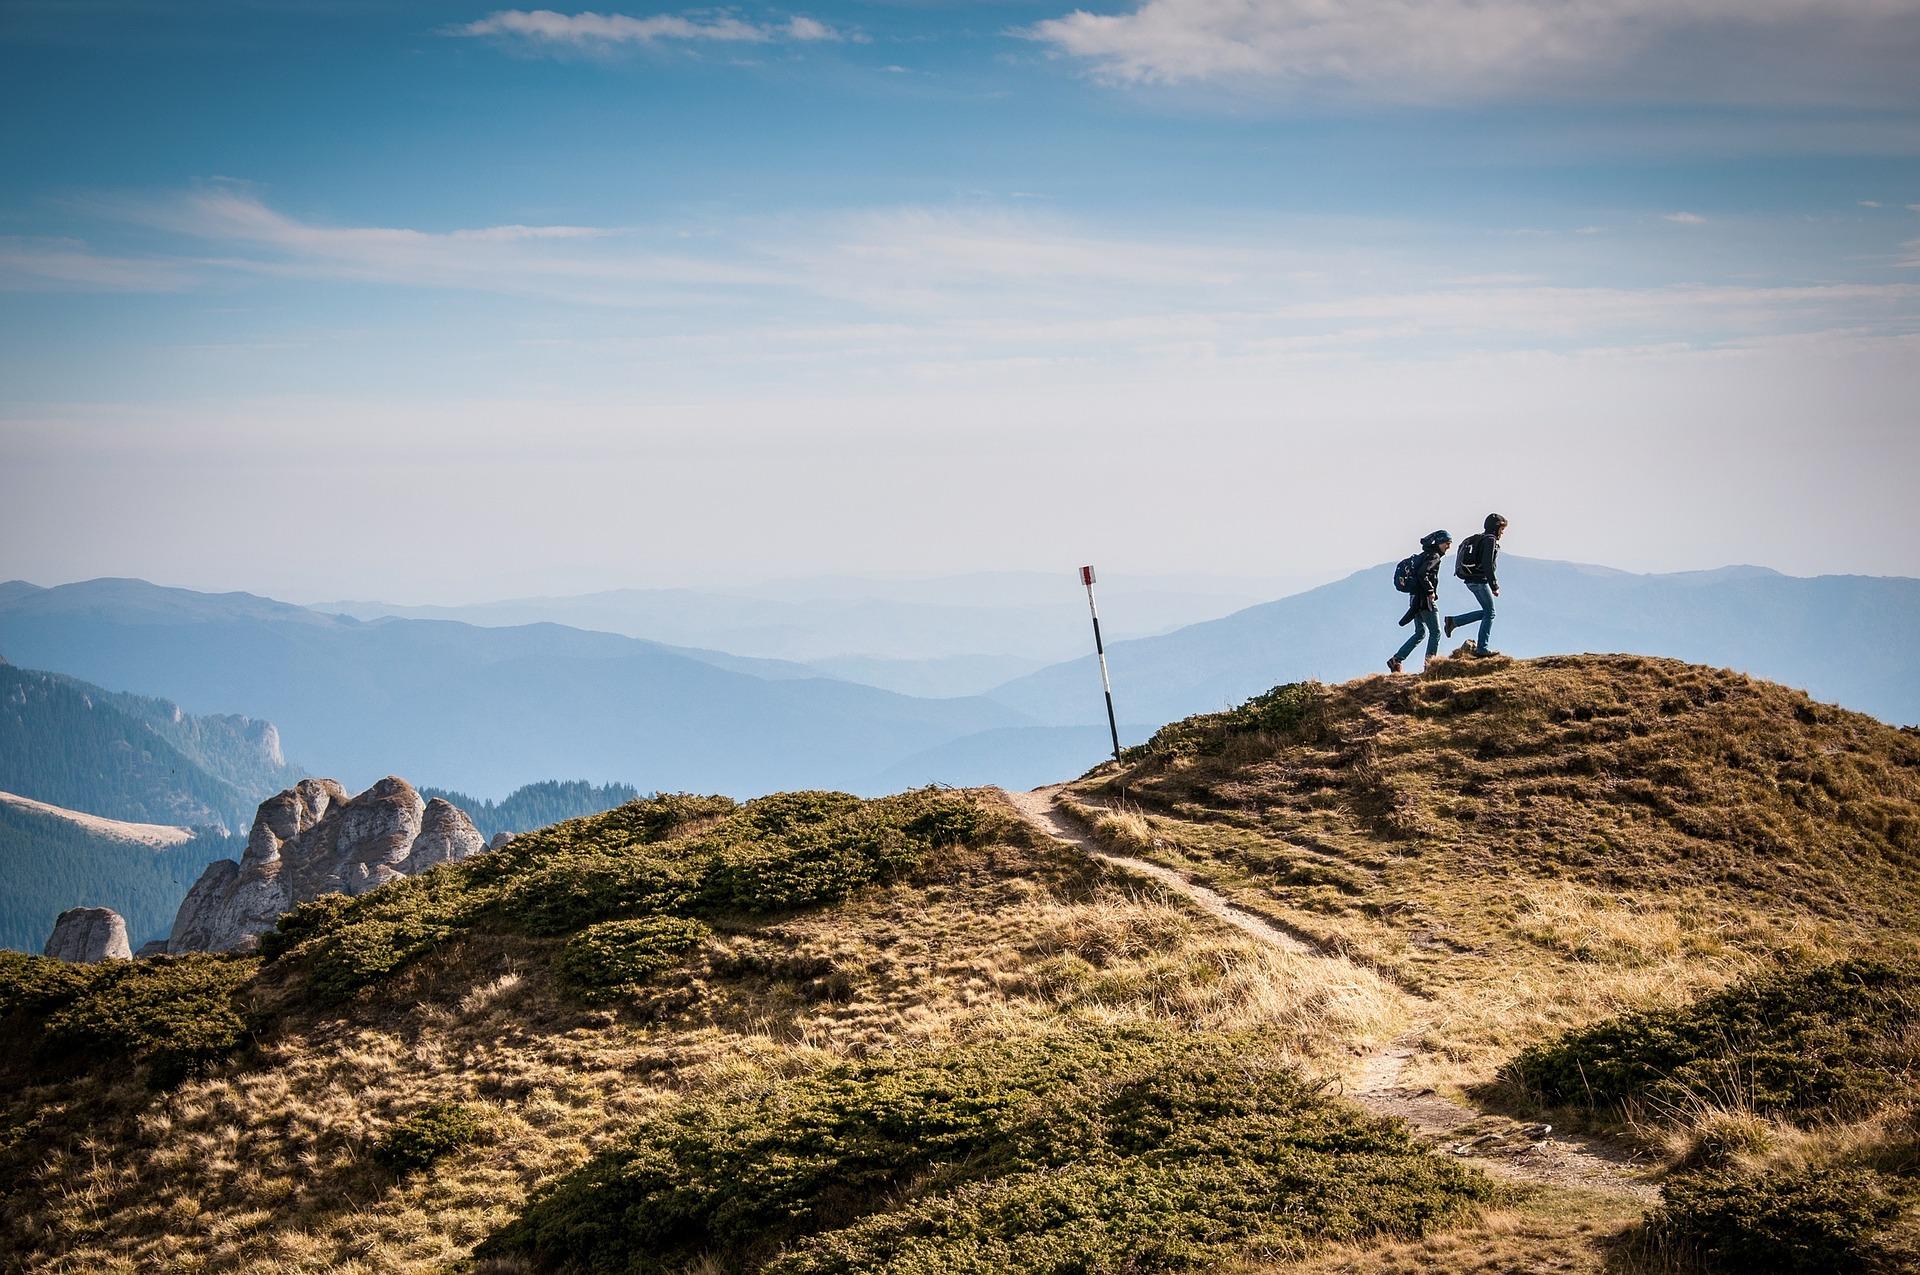 Чарівність гір та шум водоспадів: де шукати найкрасивіші маршрути в Карпатах